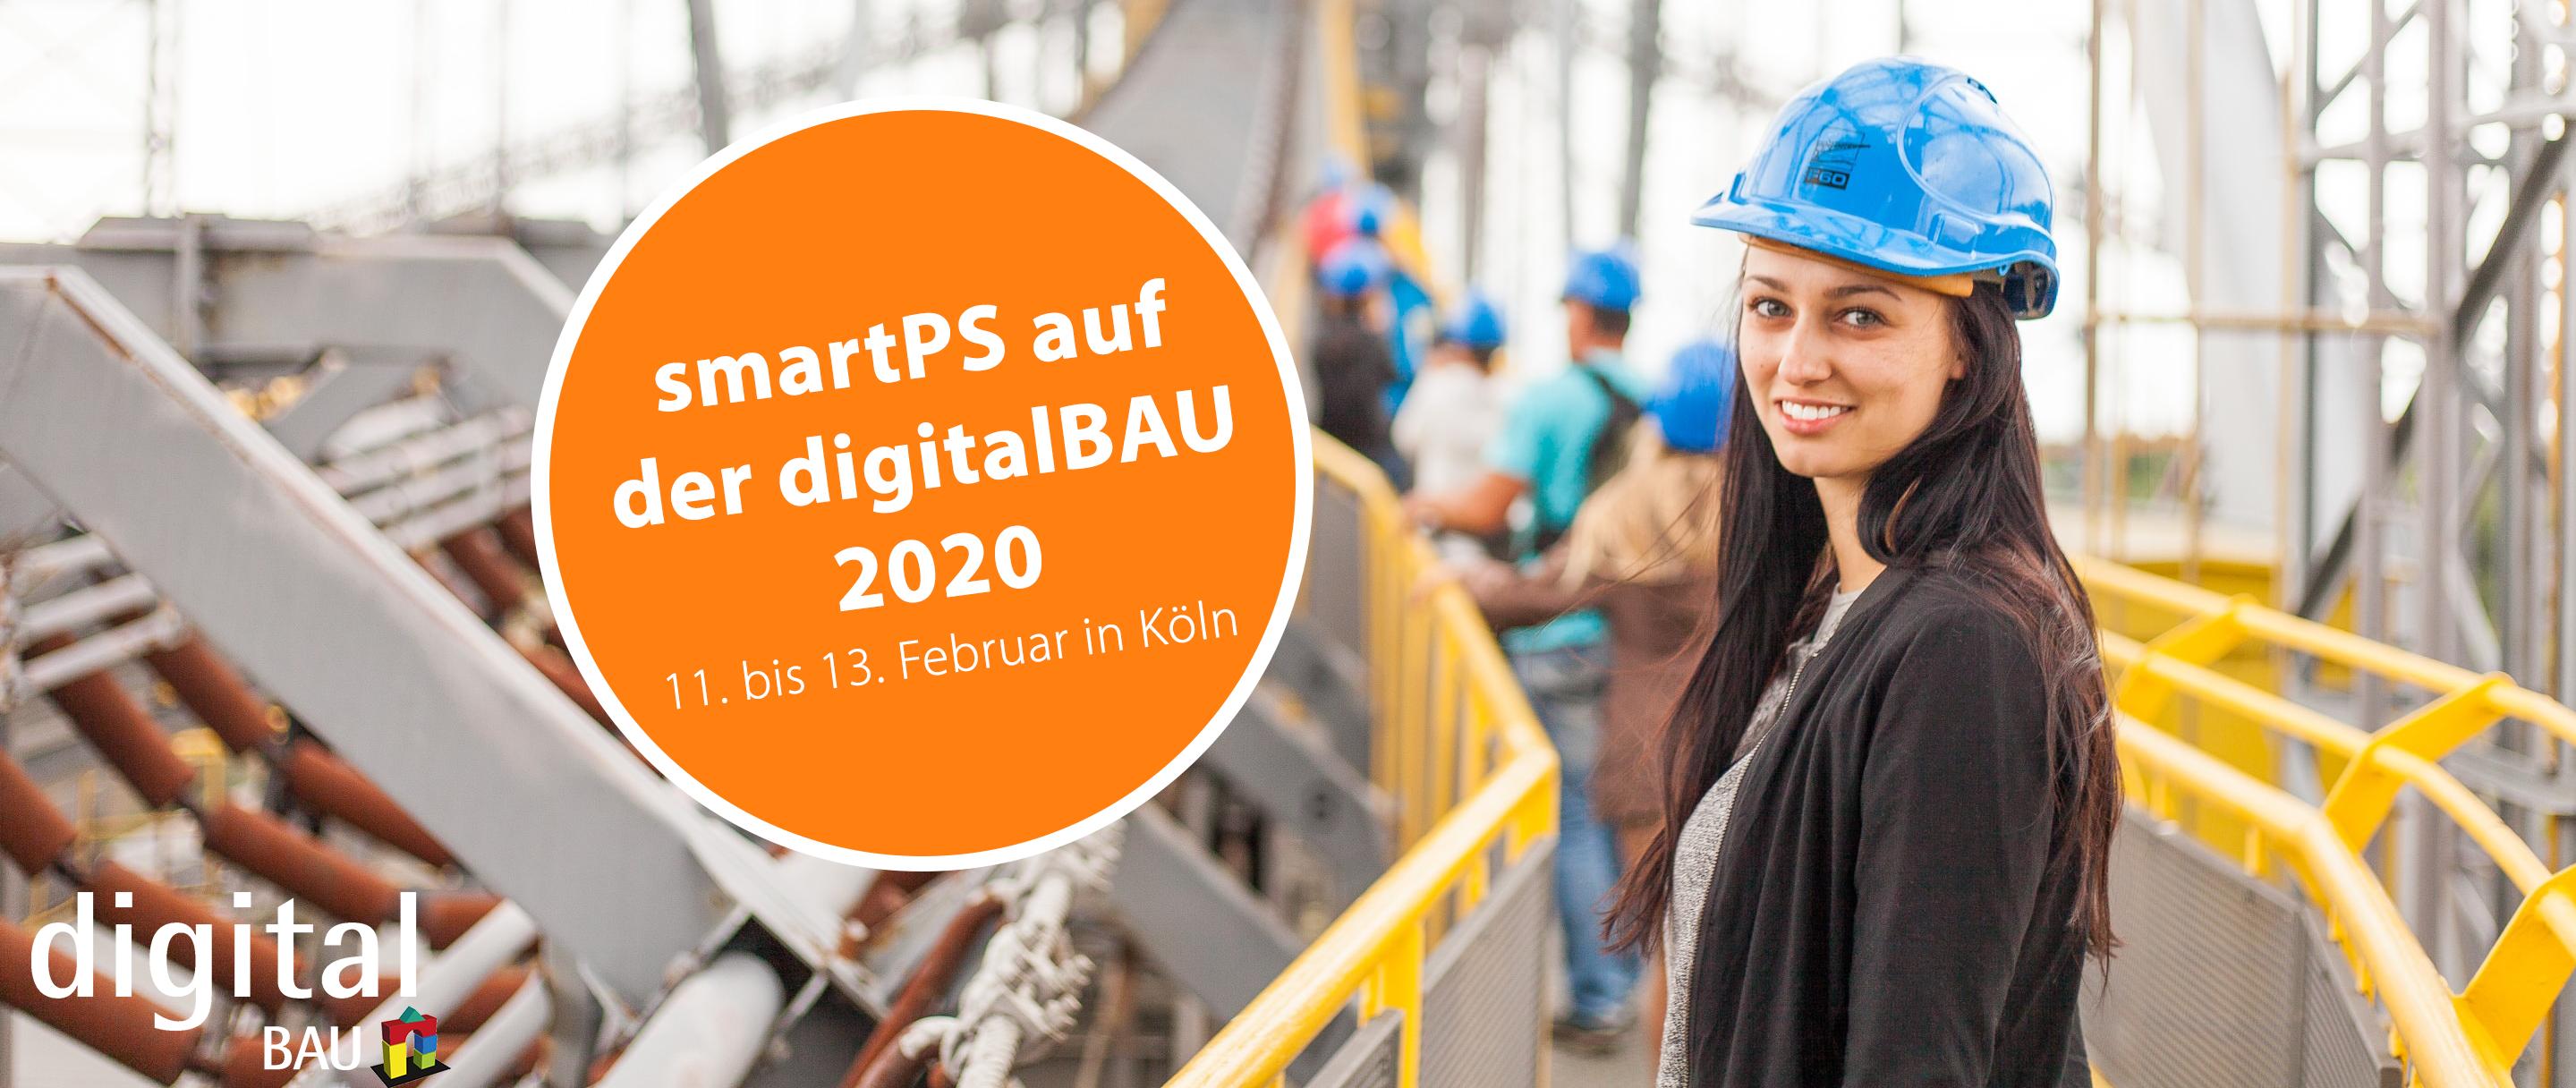 smartPS auf der digitalBAU 2020 in Köln